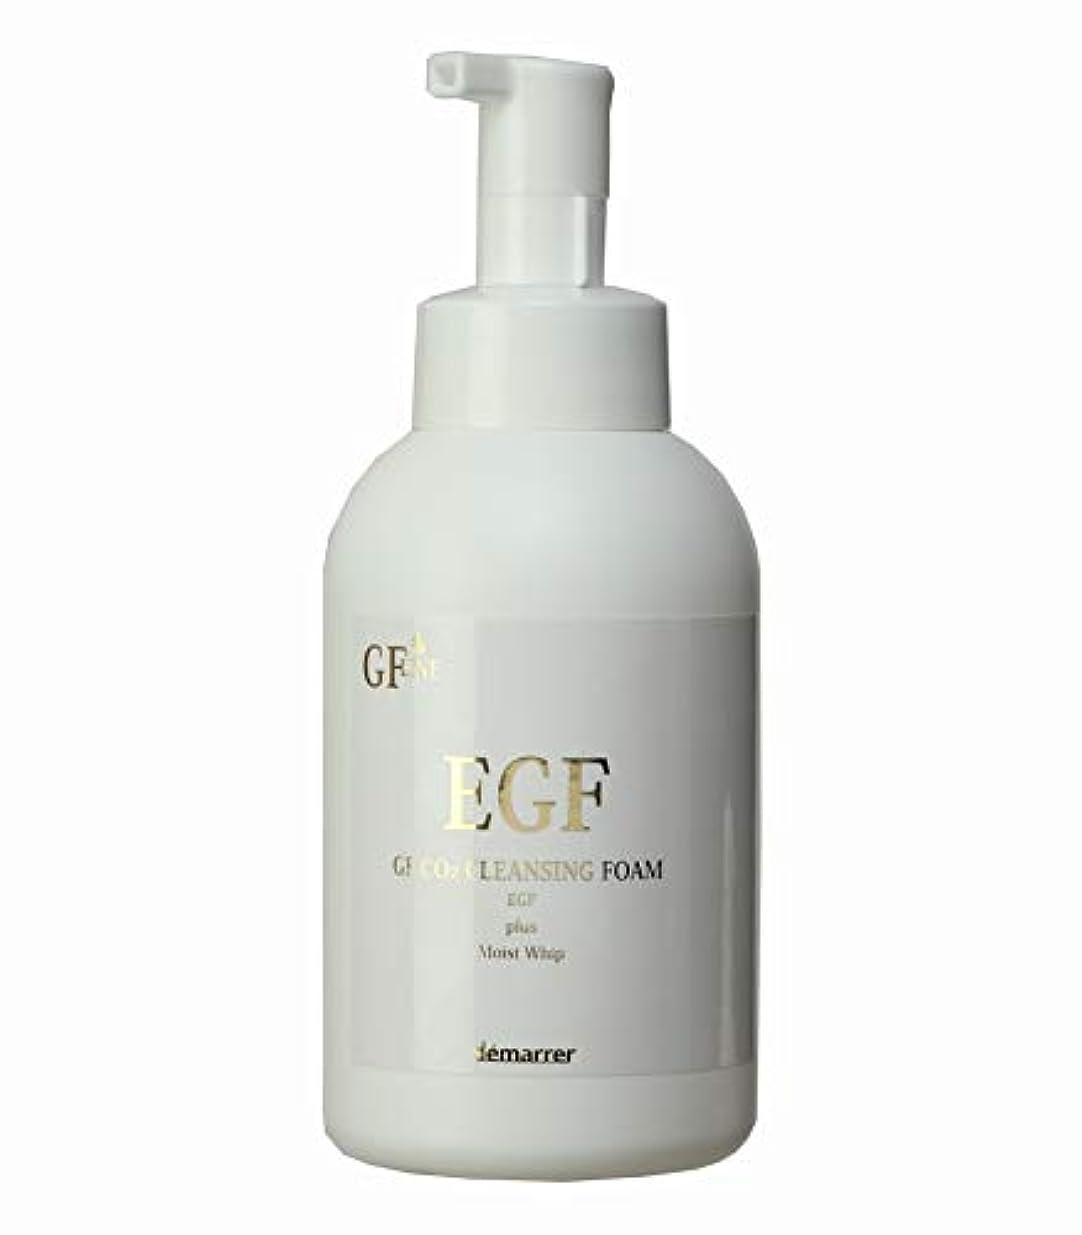 太鼓腹罹患率保護するデマレ GF炭酸洗顔フォーム 500ml